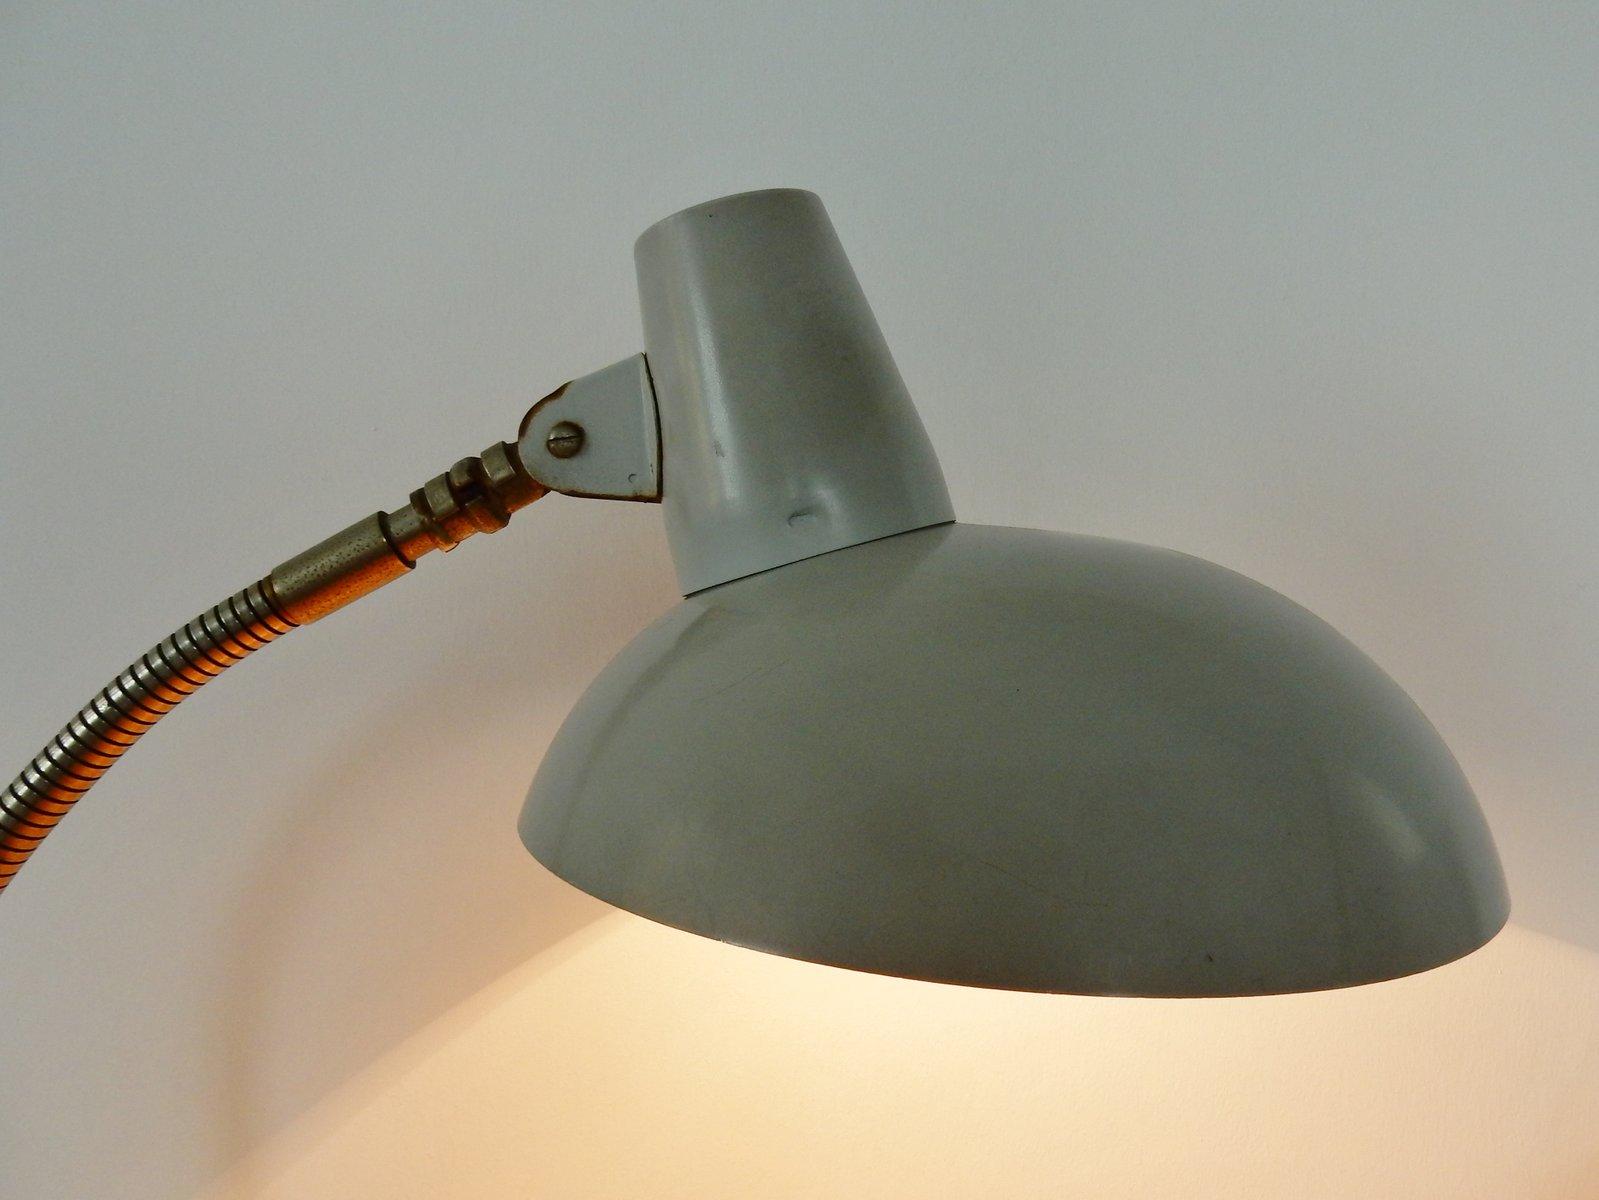 Lampe de bureau de style bauhaus vintage en vente sur pamono - Lampe de bureau style anglais ...